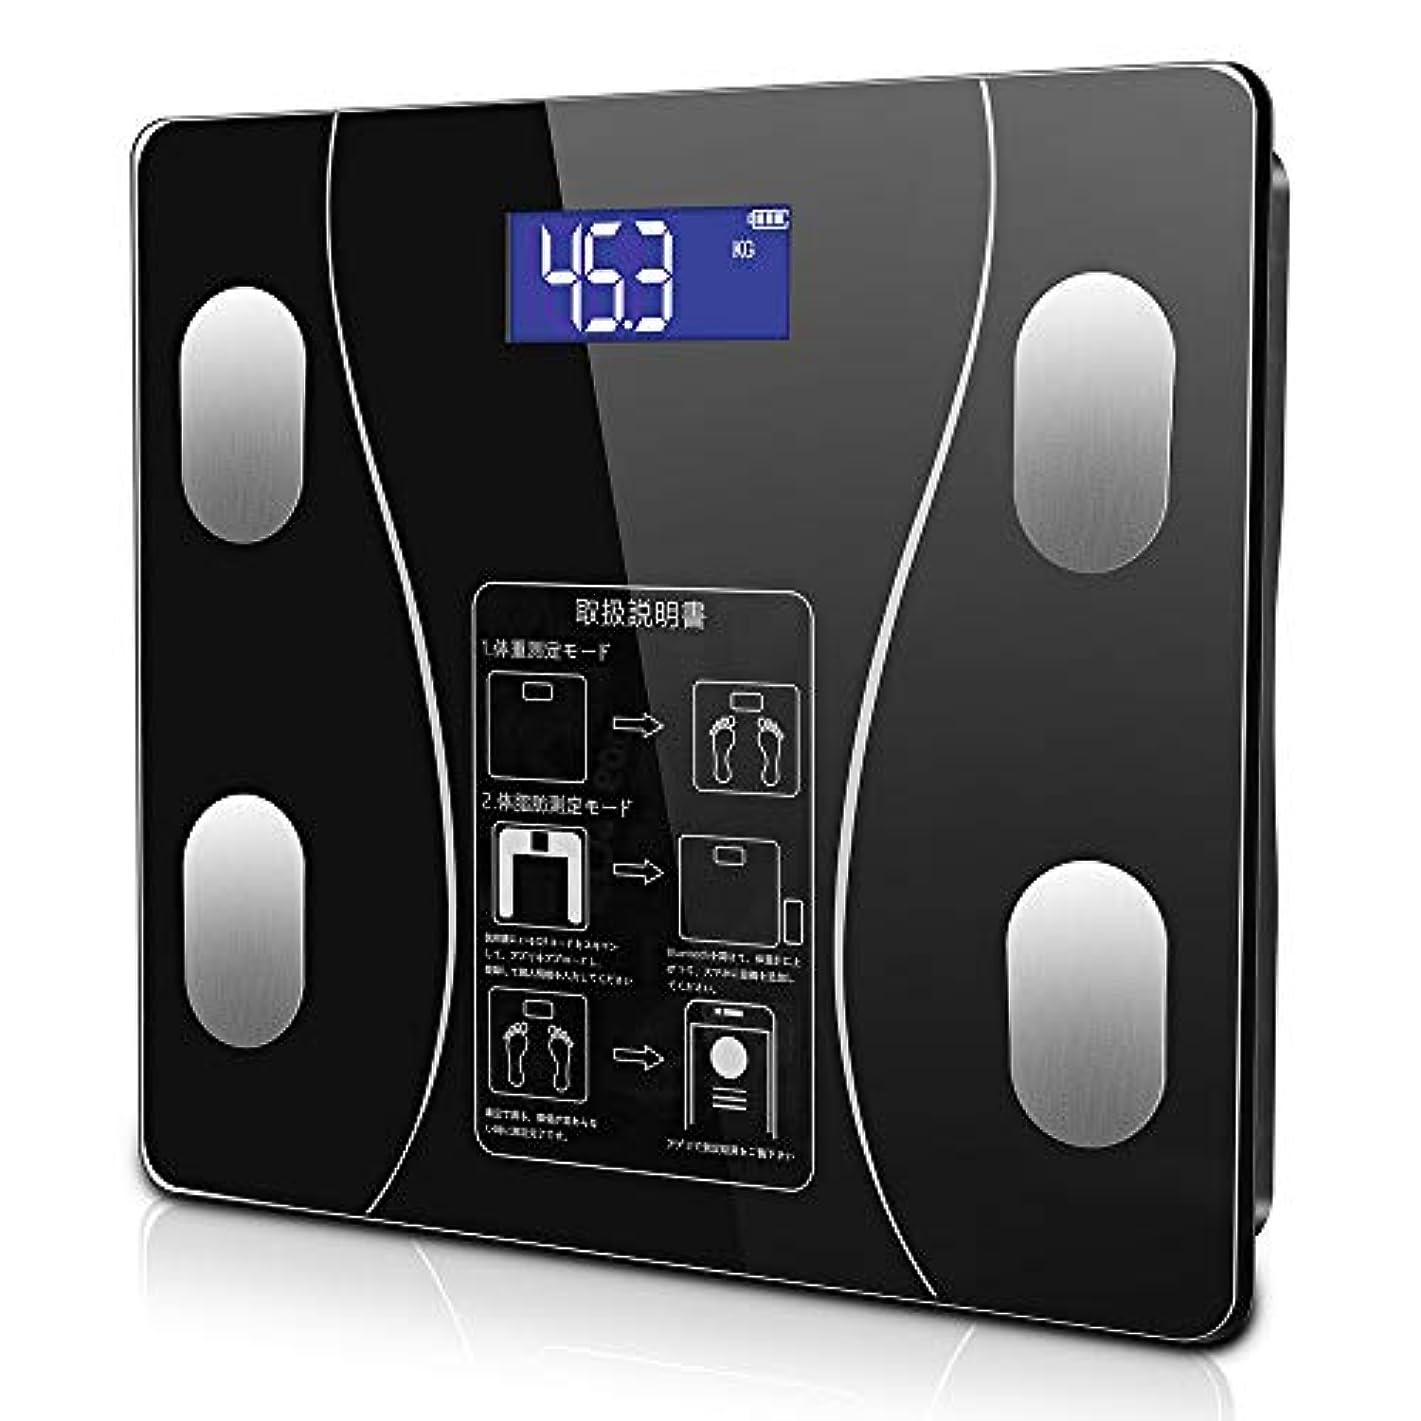 かすかな約意図体重計 体脂肪計 体組成計 ヘルスメーター Bluetooth LCDデジタル表示 強化ガラス 高精度センサー スマートスケール 体重/体脂肪率/BMI/BMR/体内水分/骨量/骨格筋など測定 健康管理